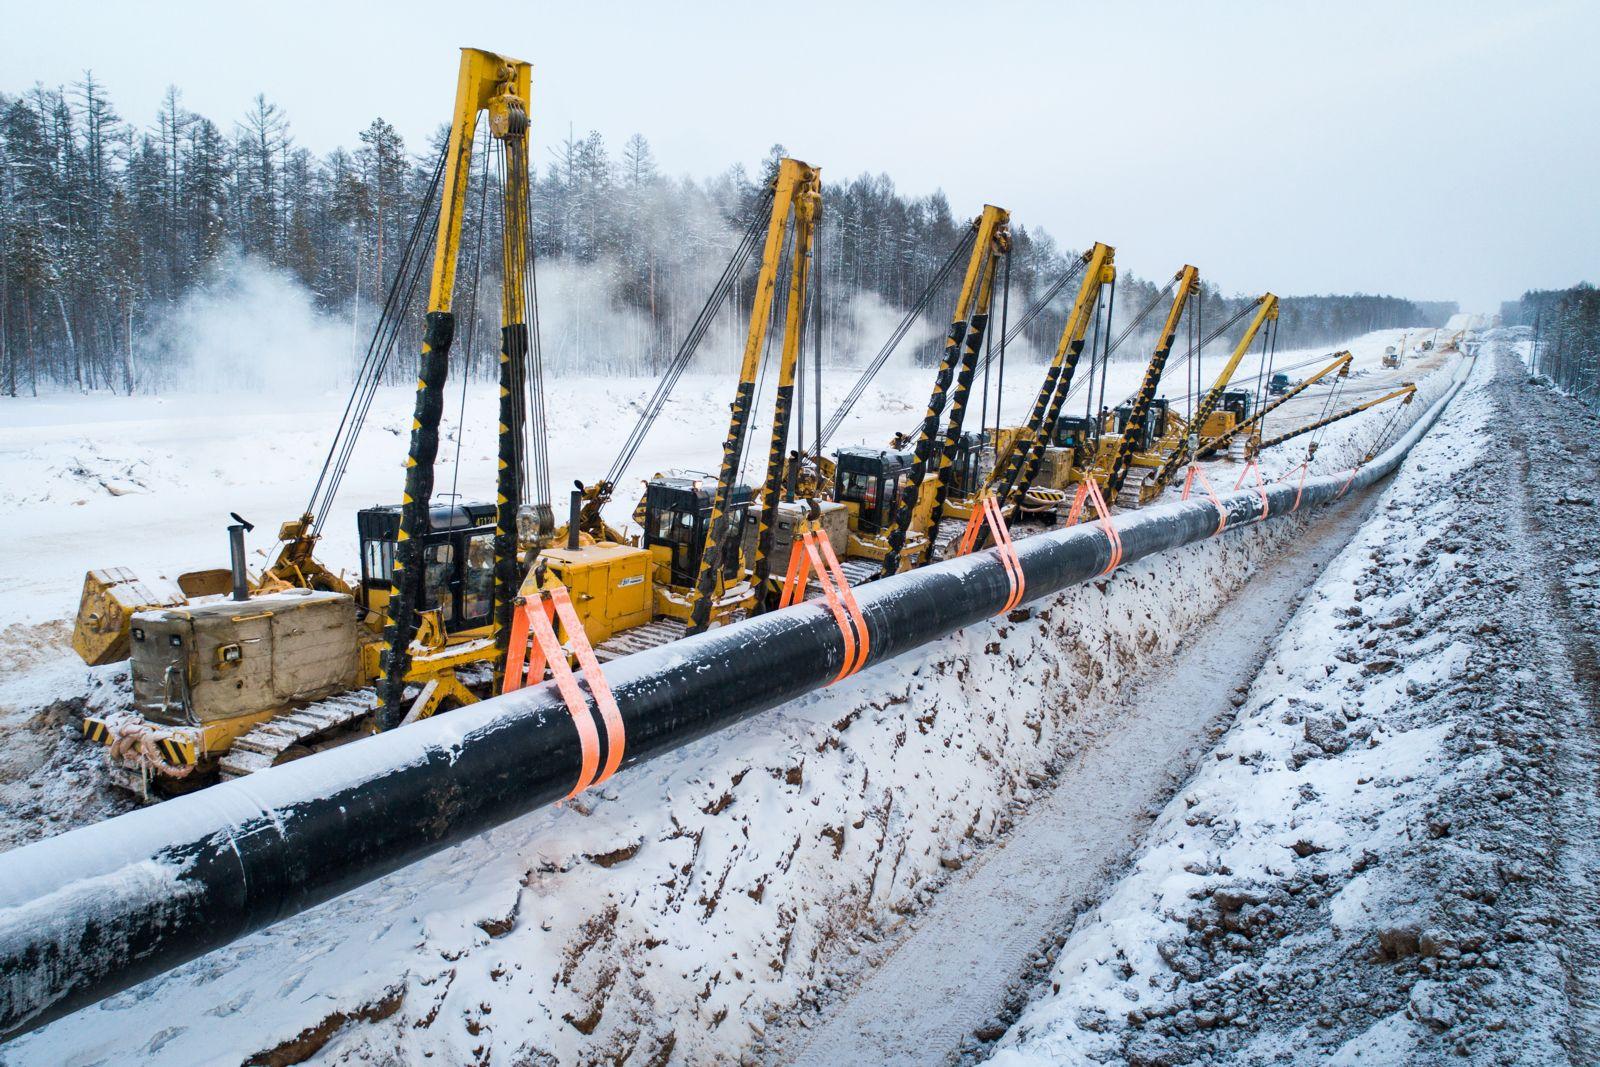 картинки при строительстве газопровода достаточно компактном